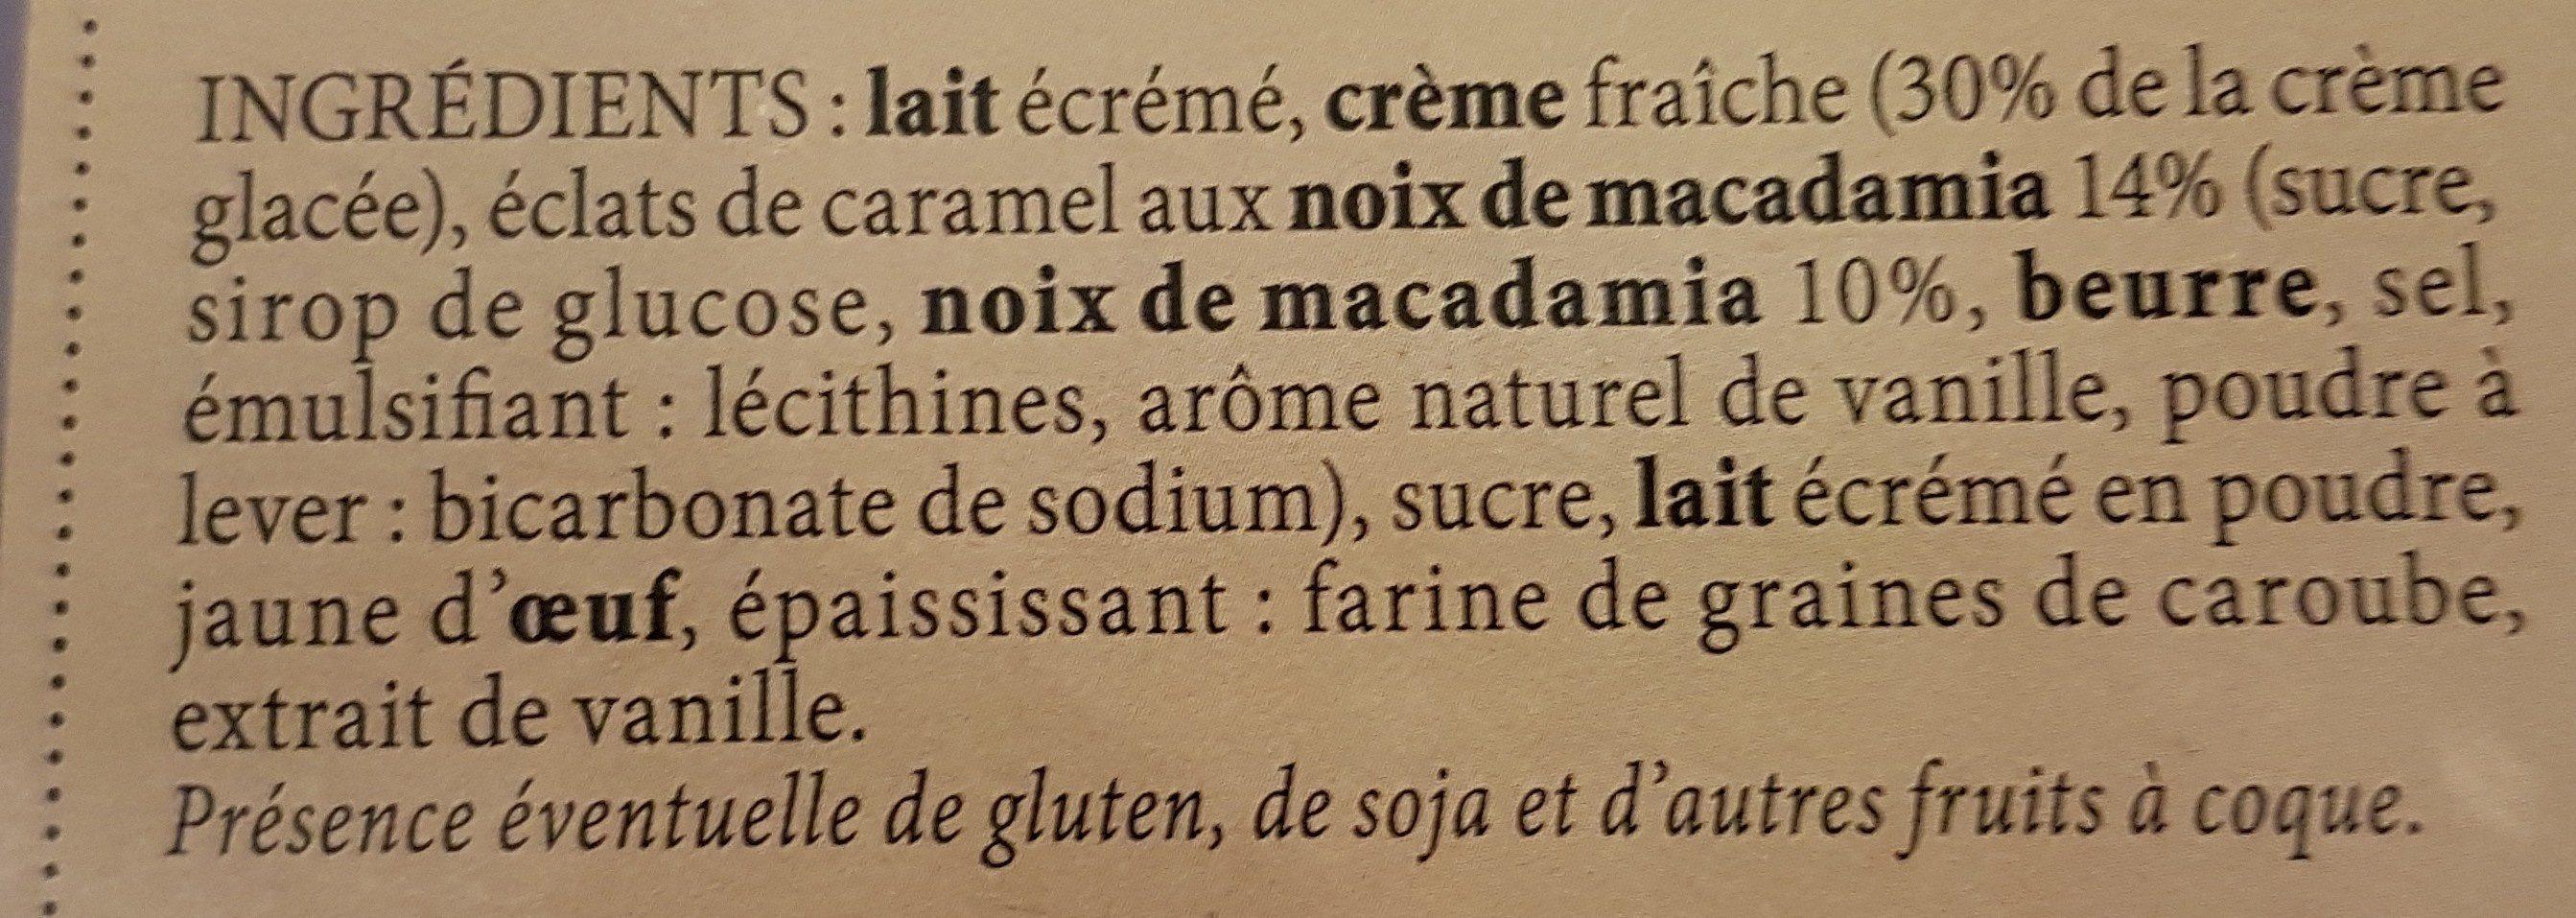 Crèmes Glacées à la Crème Fraîche Vanille Macadamia et Chocolat Brownies - Ingrediënten